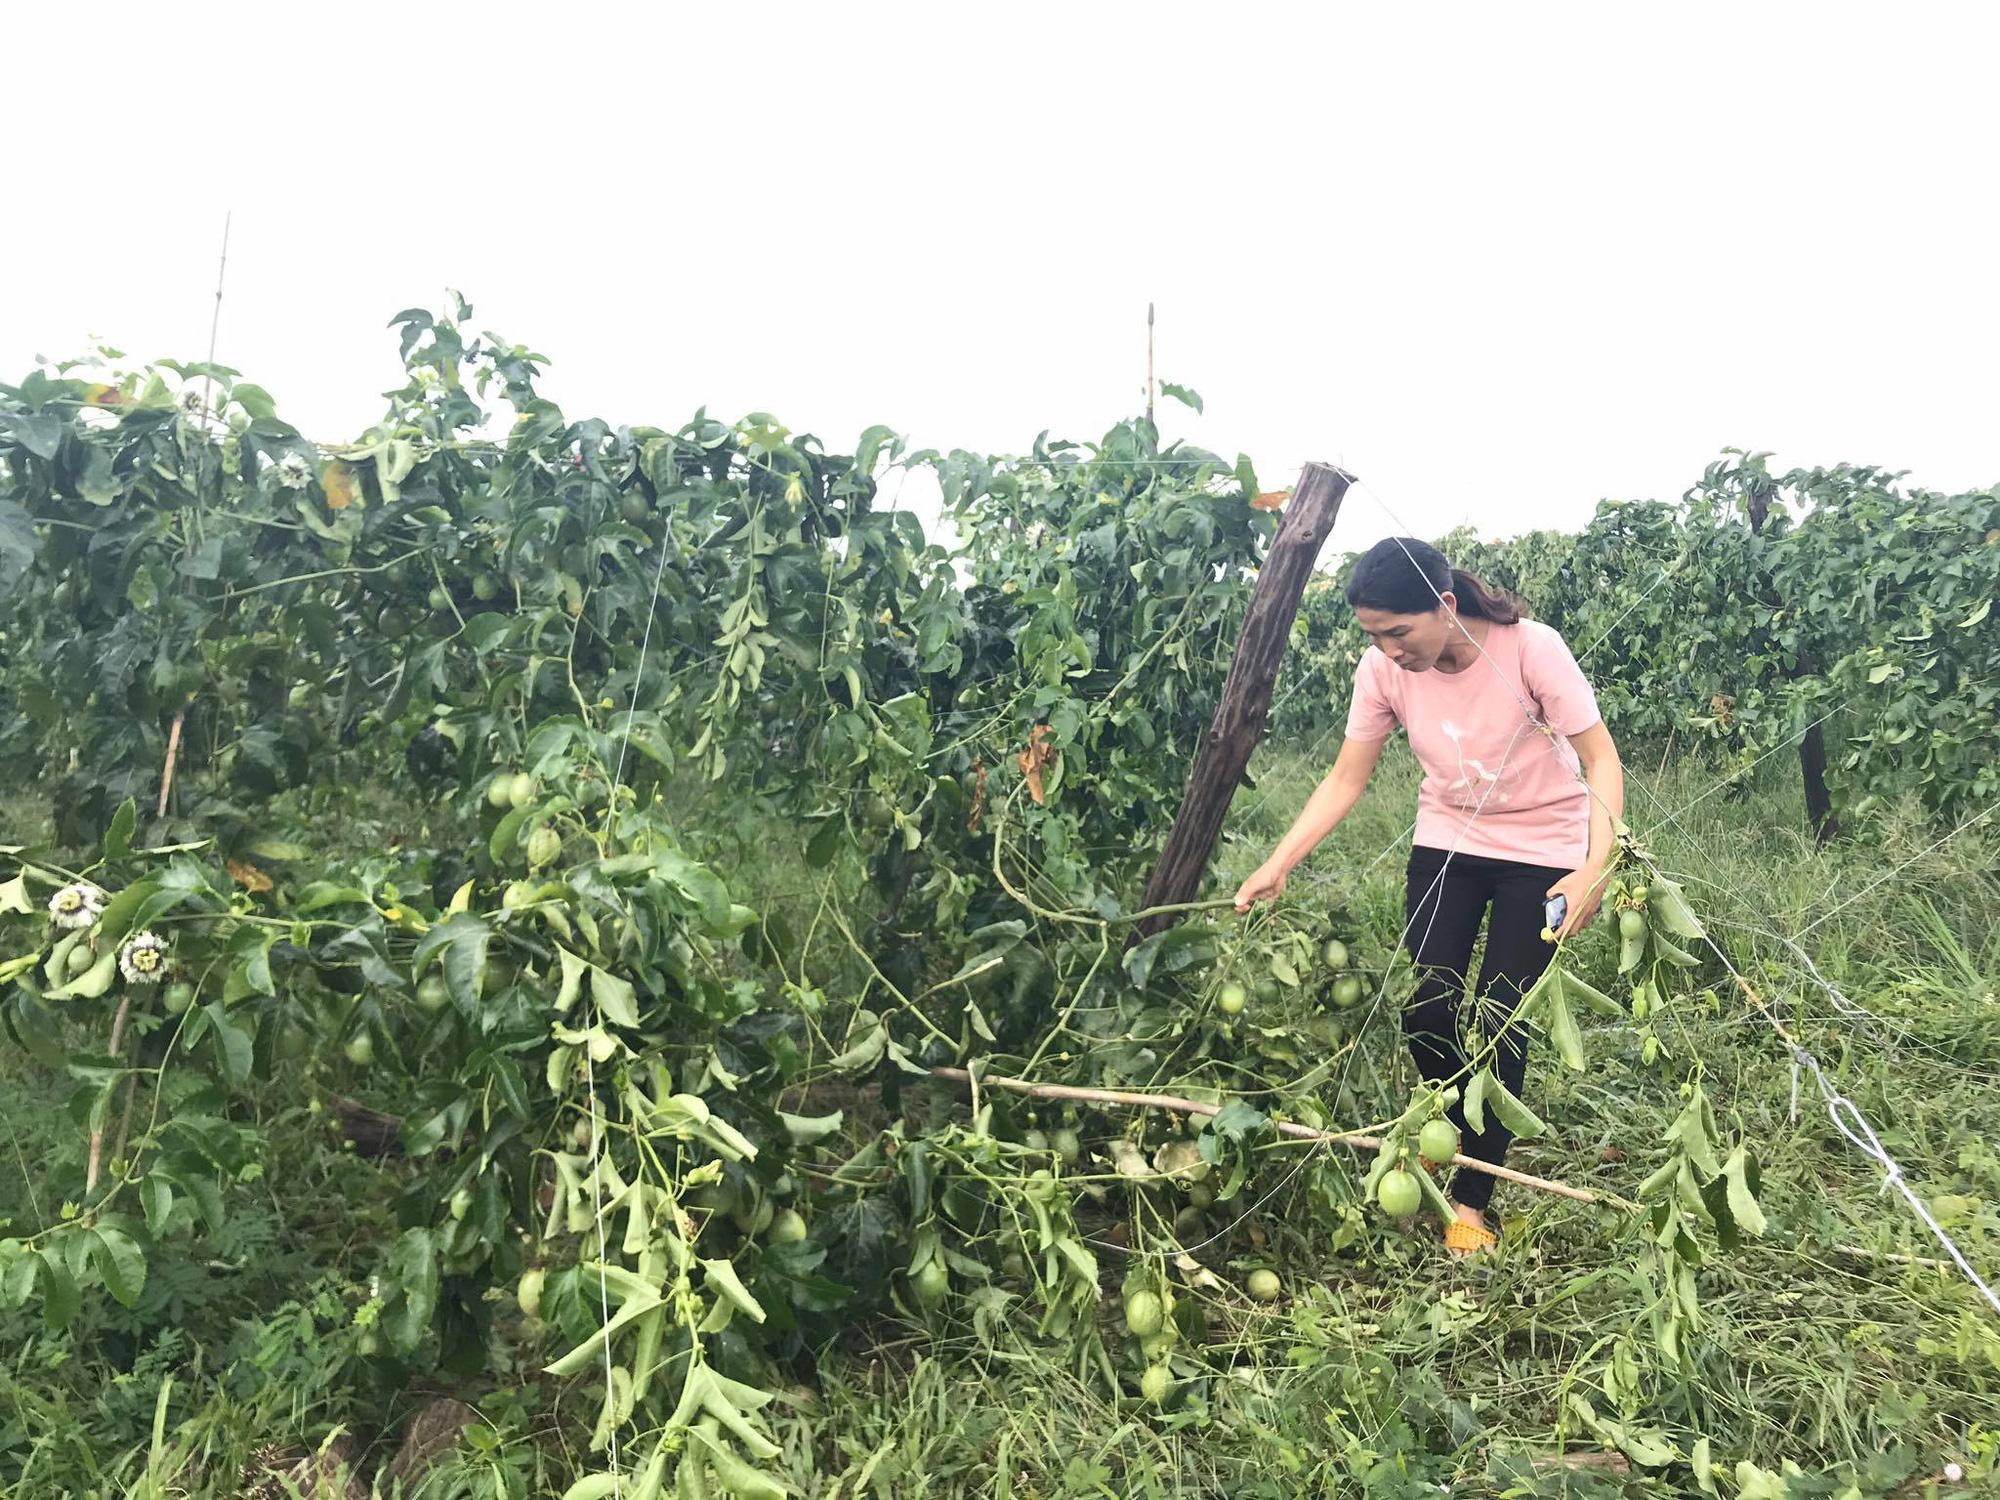 Vườn chanh dây 1,5ha bị phá hại tan tành trong đêm - Ảnh 1.